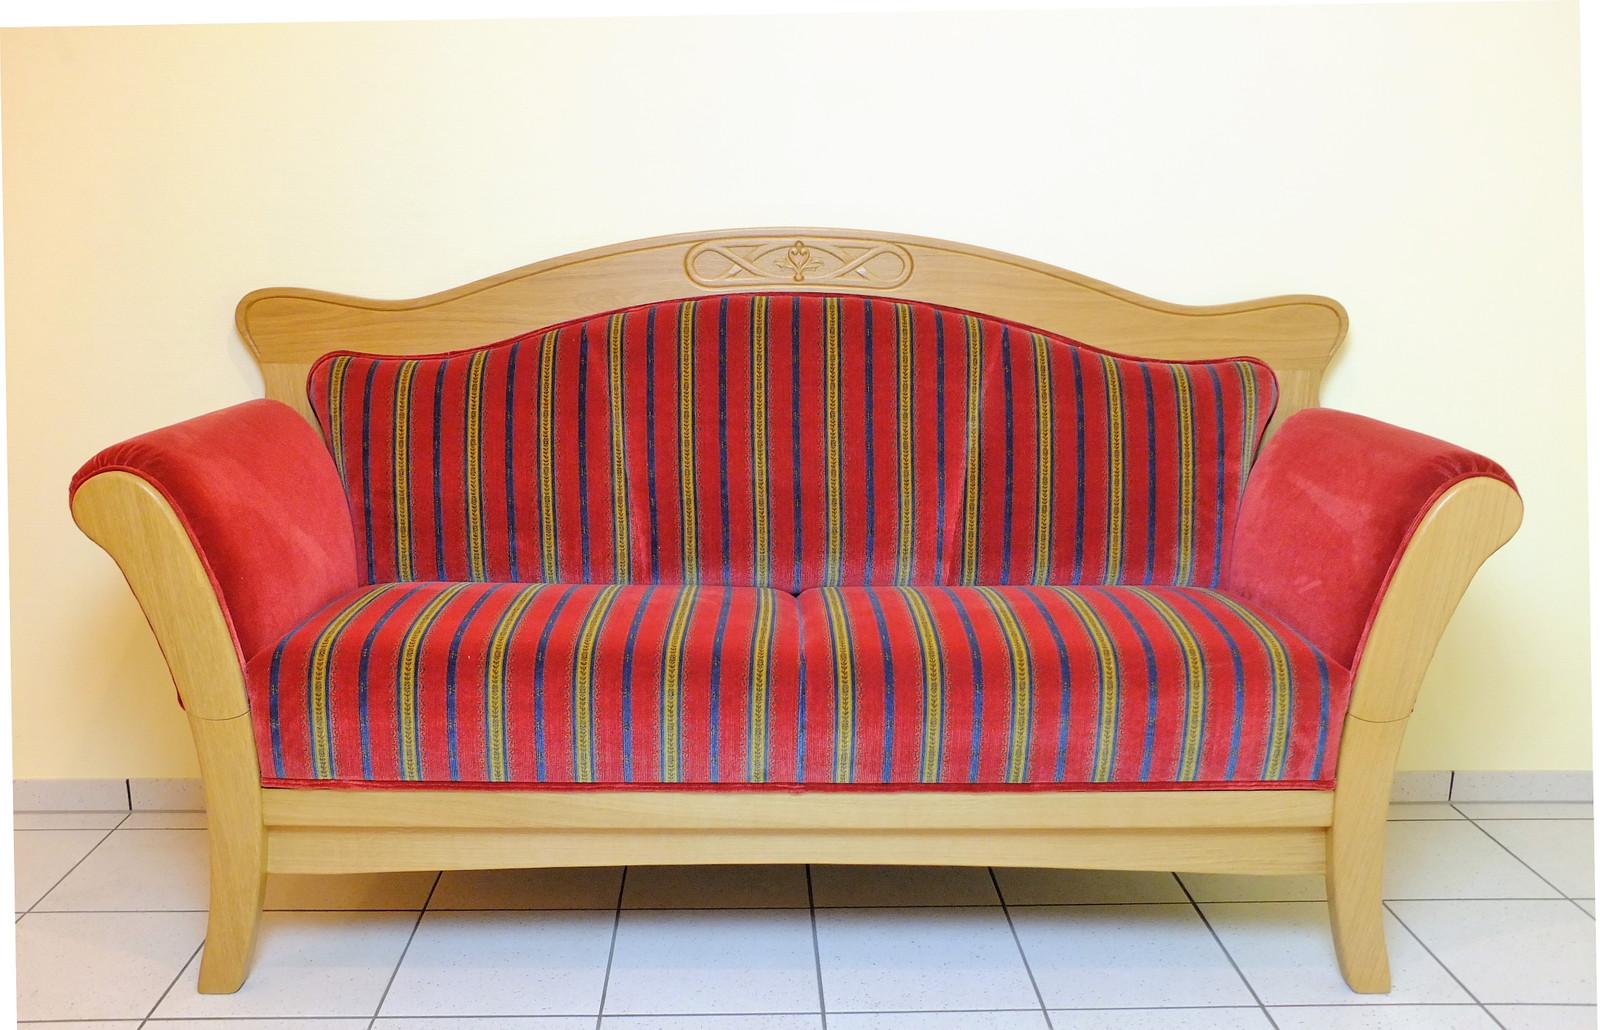 Tischsofa / Küchensofa / Esszimmersofa / Friesensofa Eiche massiv, gelaugt, rustikal oder auch hell und modern. Ein schönes Sofa für den Esstisch, Modell: Holdorf 190